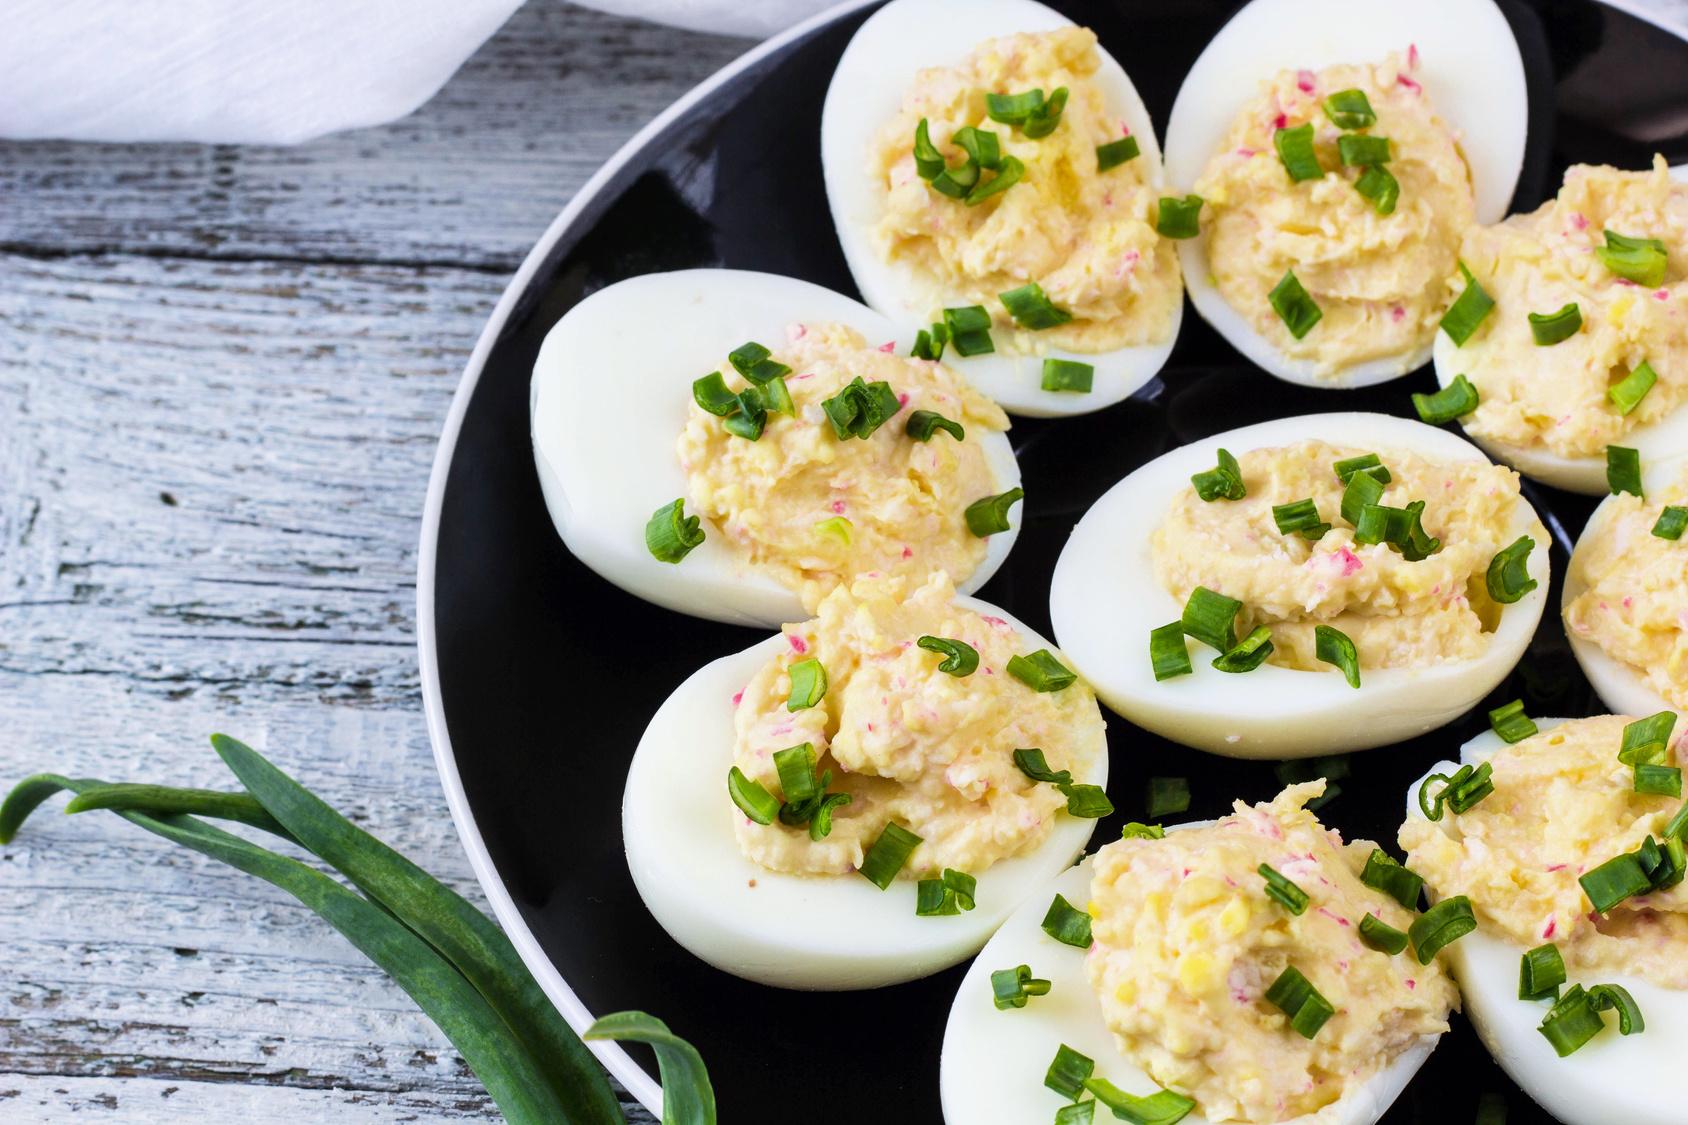 חצאי ביצים ממולאות בטונה